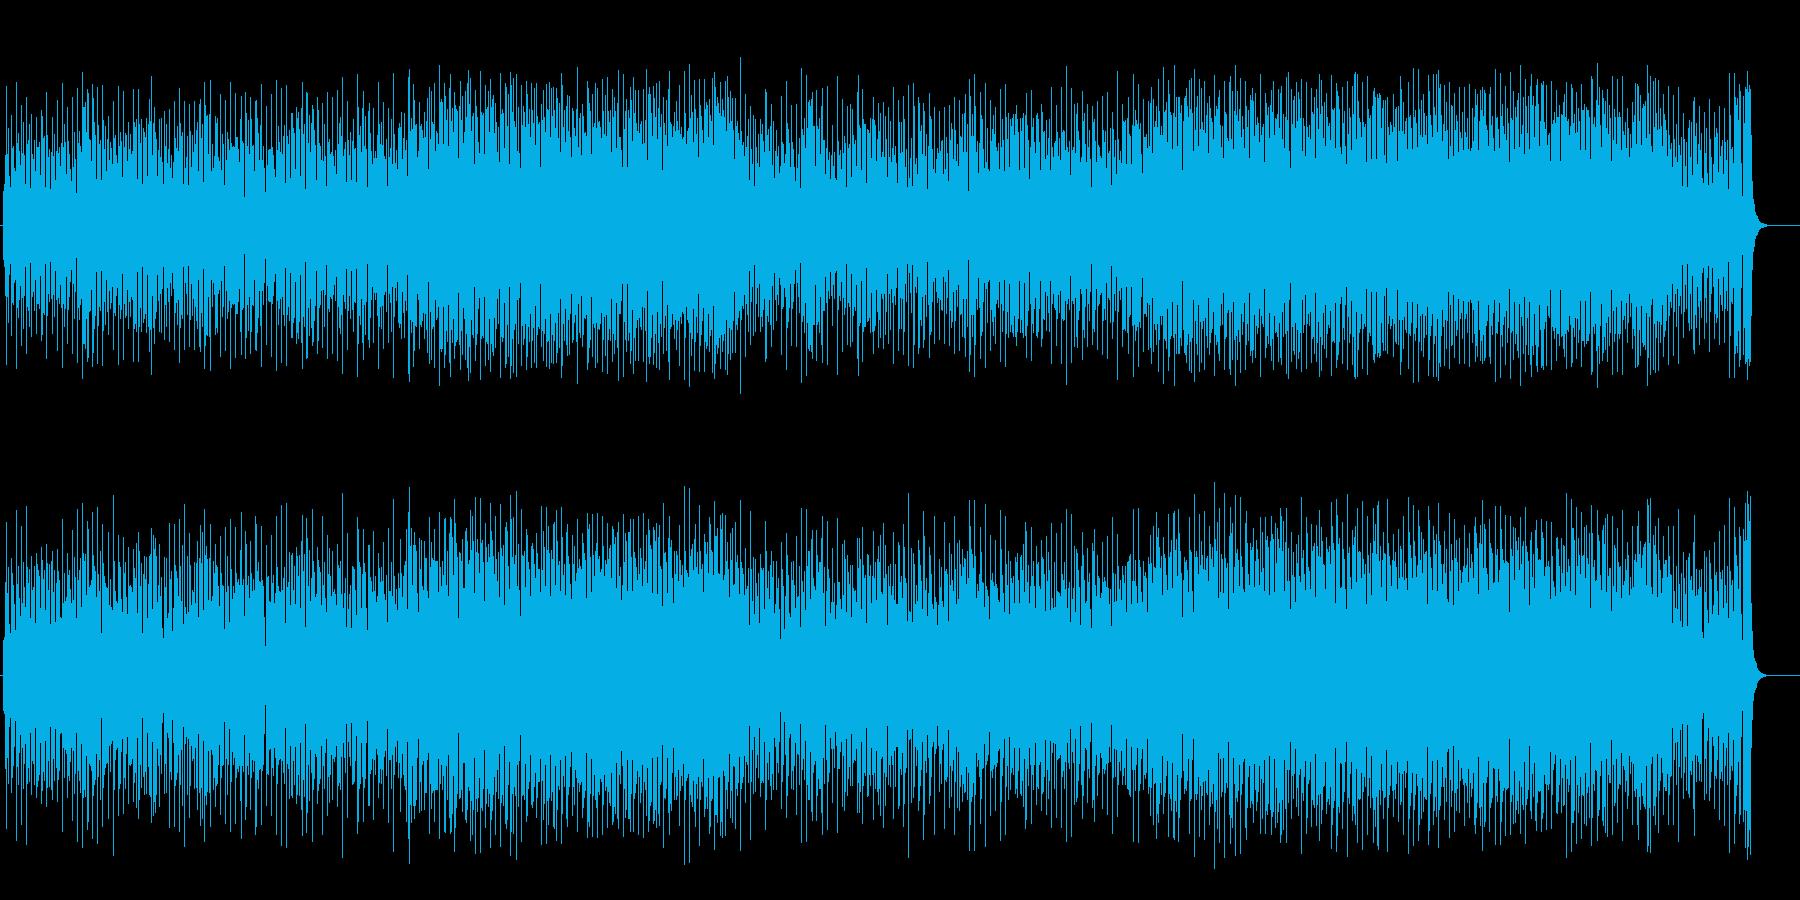 かわいいクラシカルポップ(フルサイズ)の再生済みの波形